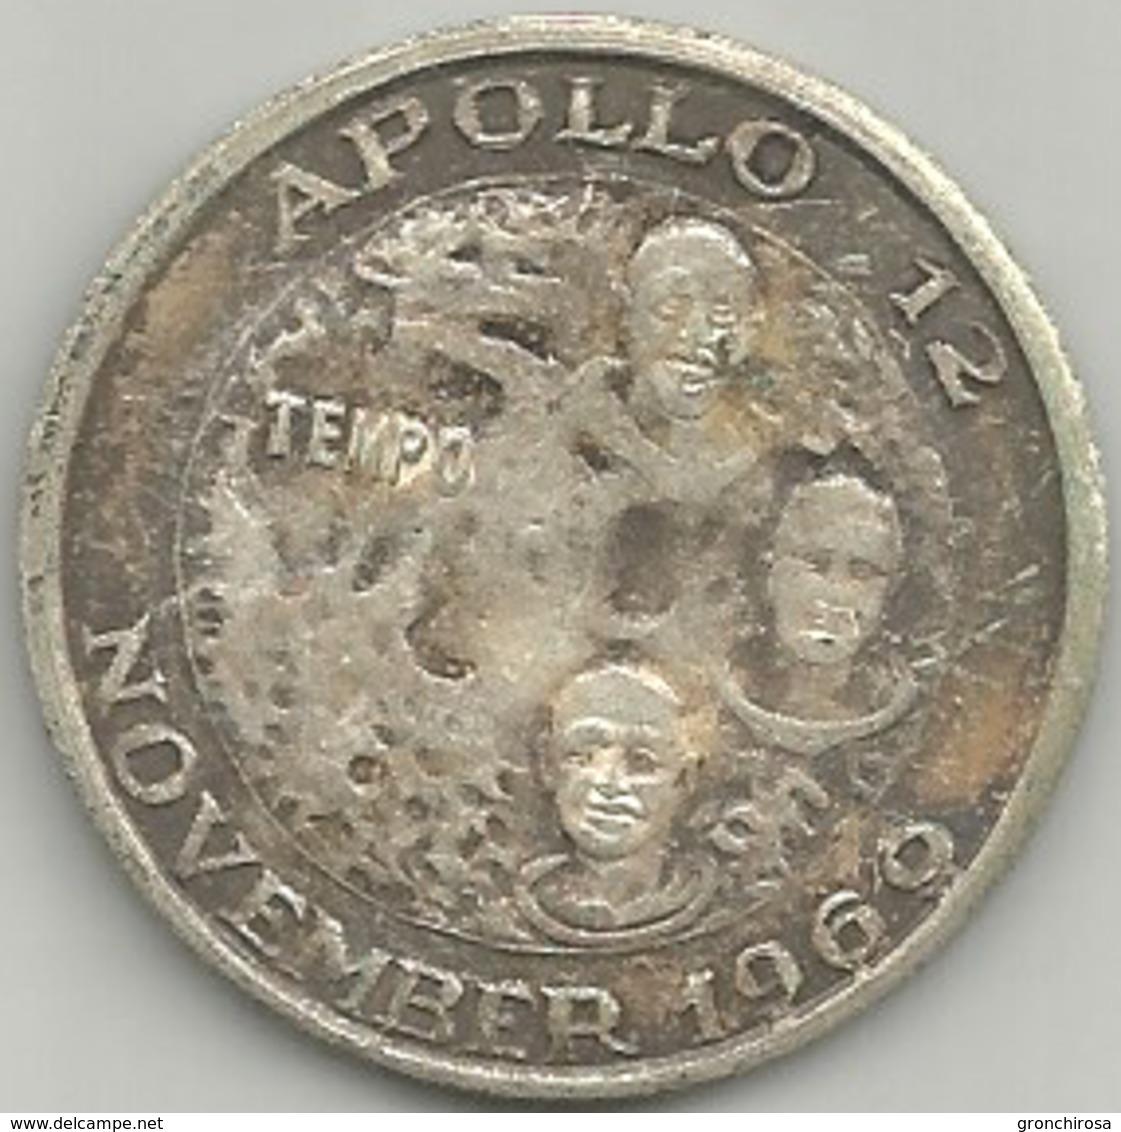 Primo Uomo Sulla Luna, Apollo 12 November 1969, Tempo, Mist, Gr. 13, Cm. 3,5. - Altri